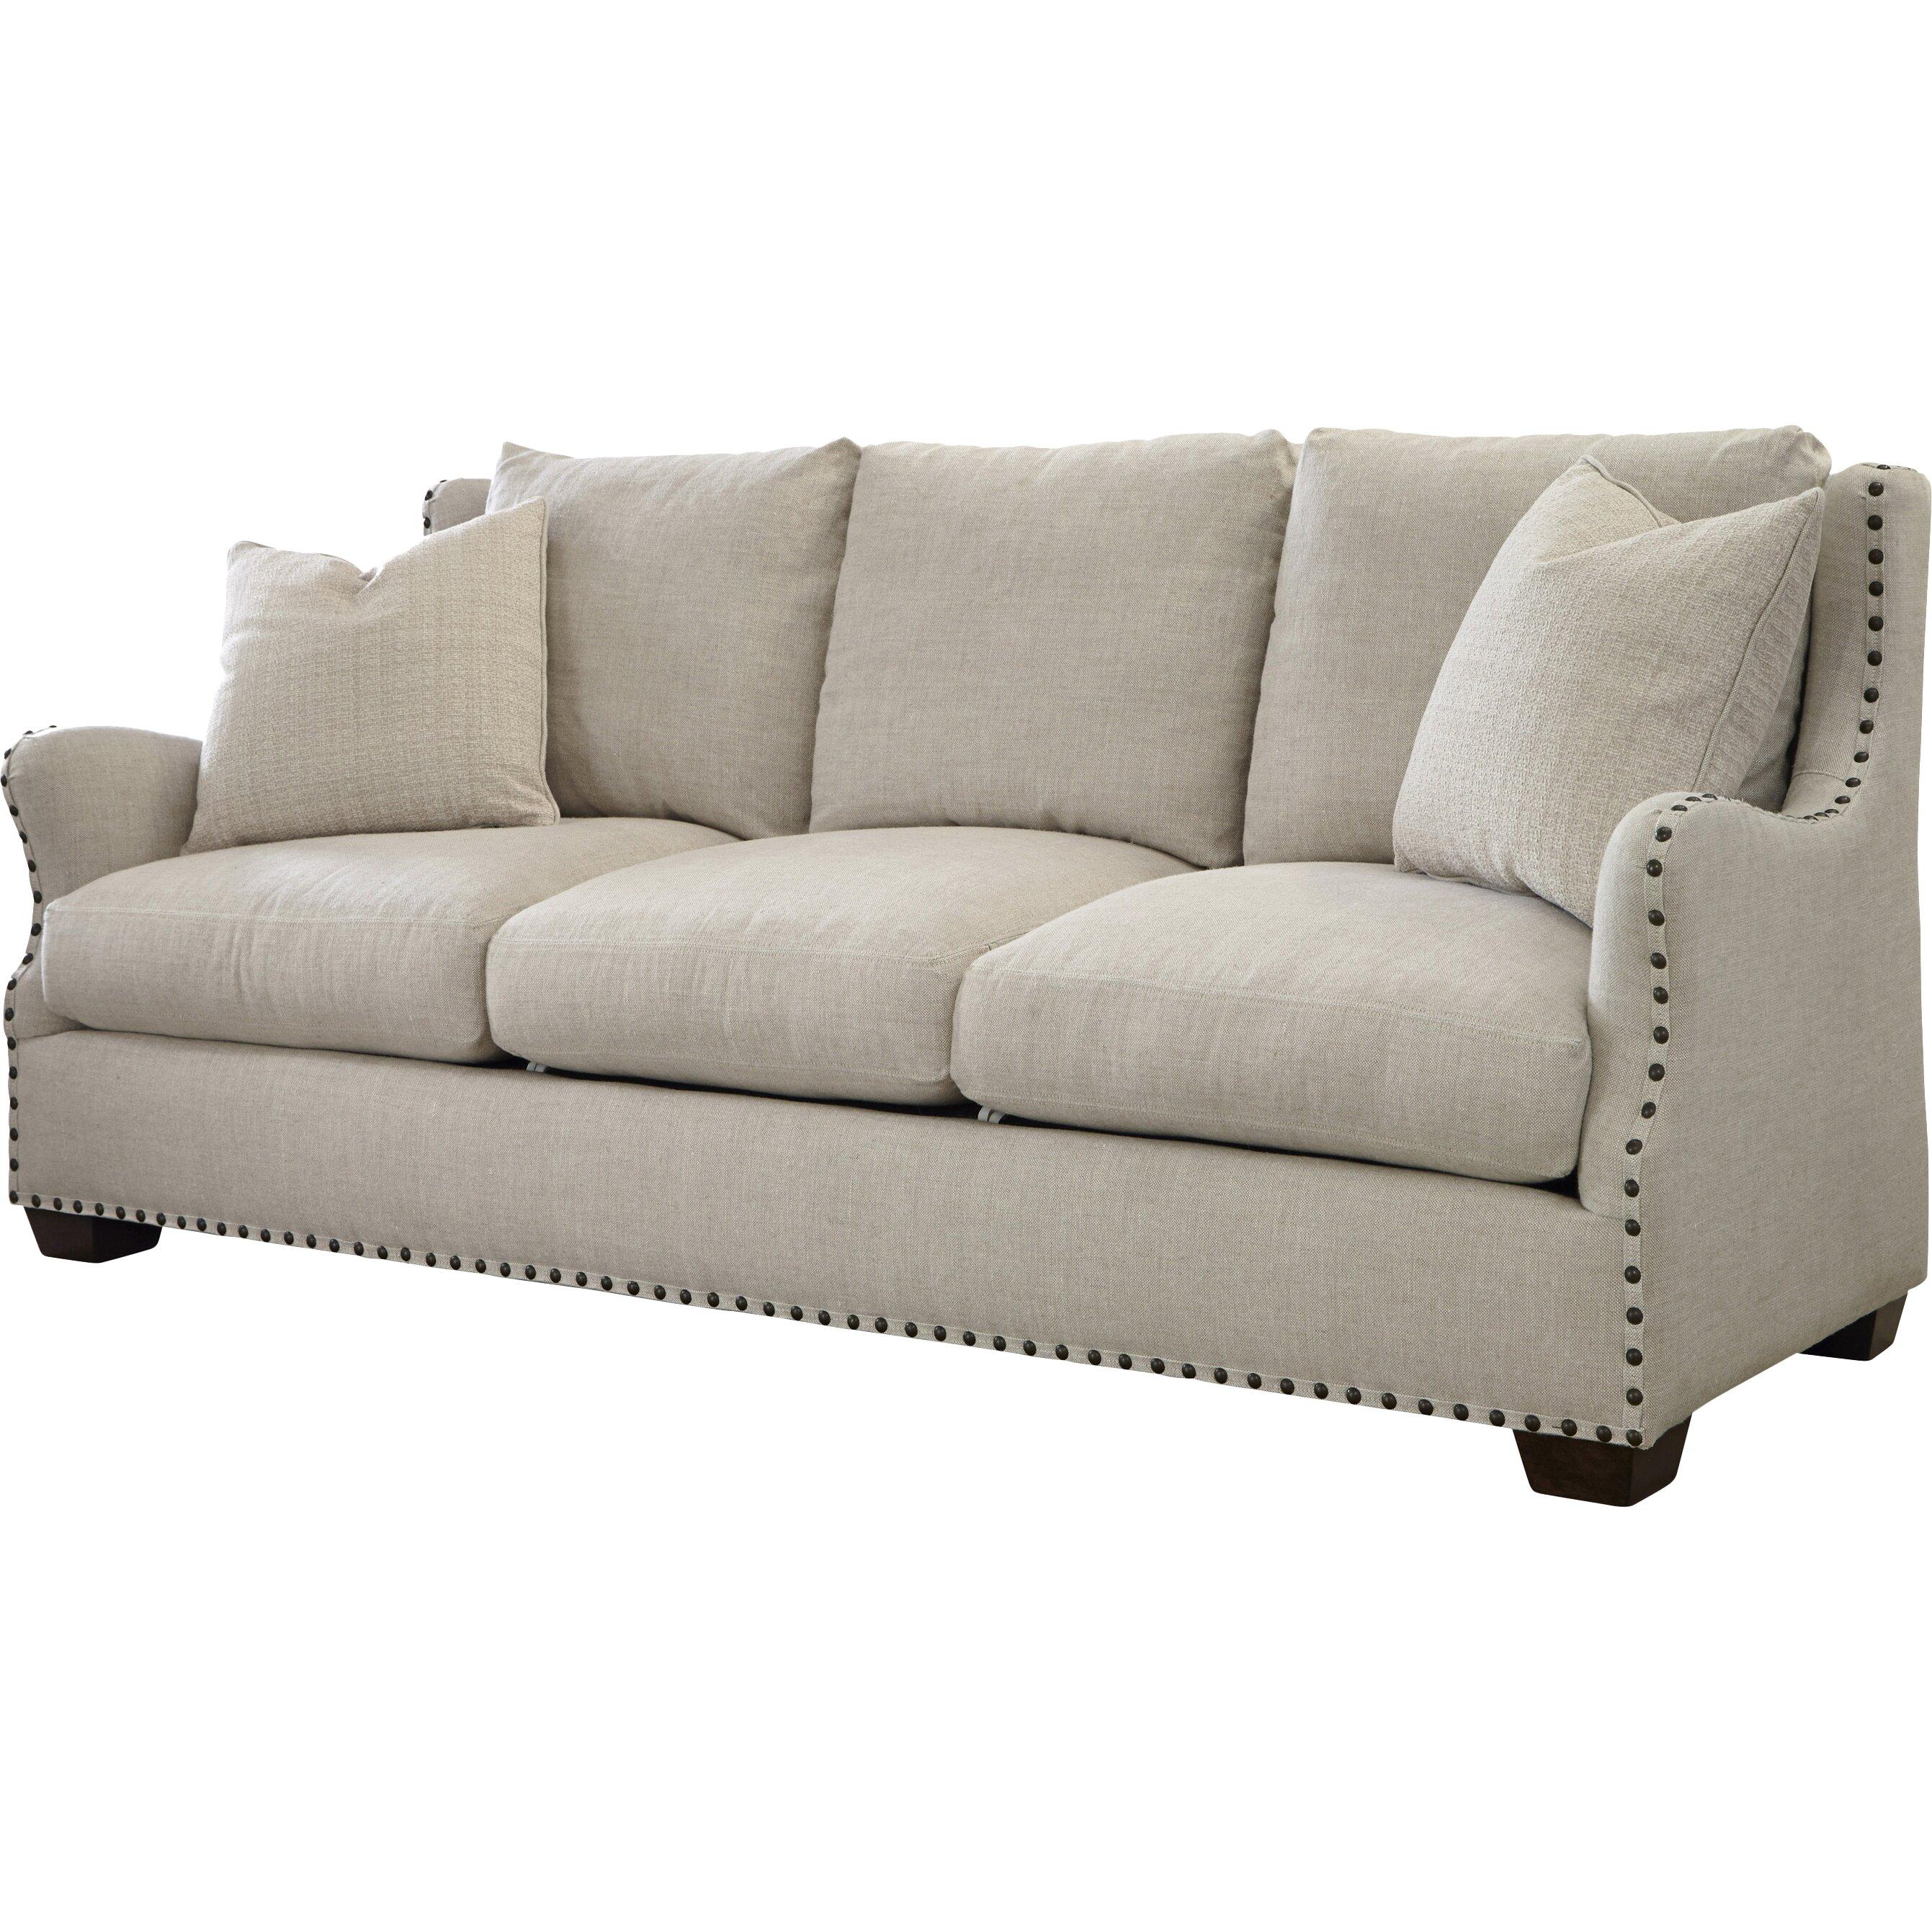 Canora grey wythe sofa wayfair for Gray sectional sofa wayfair